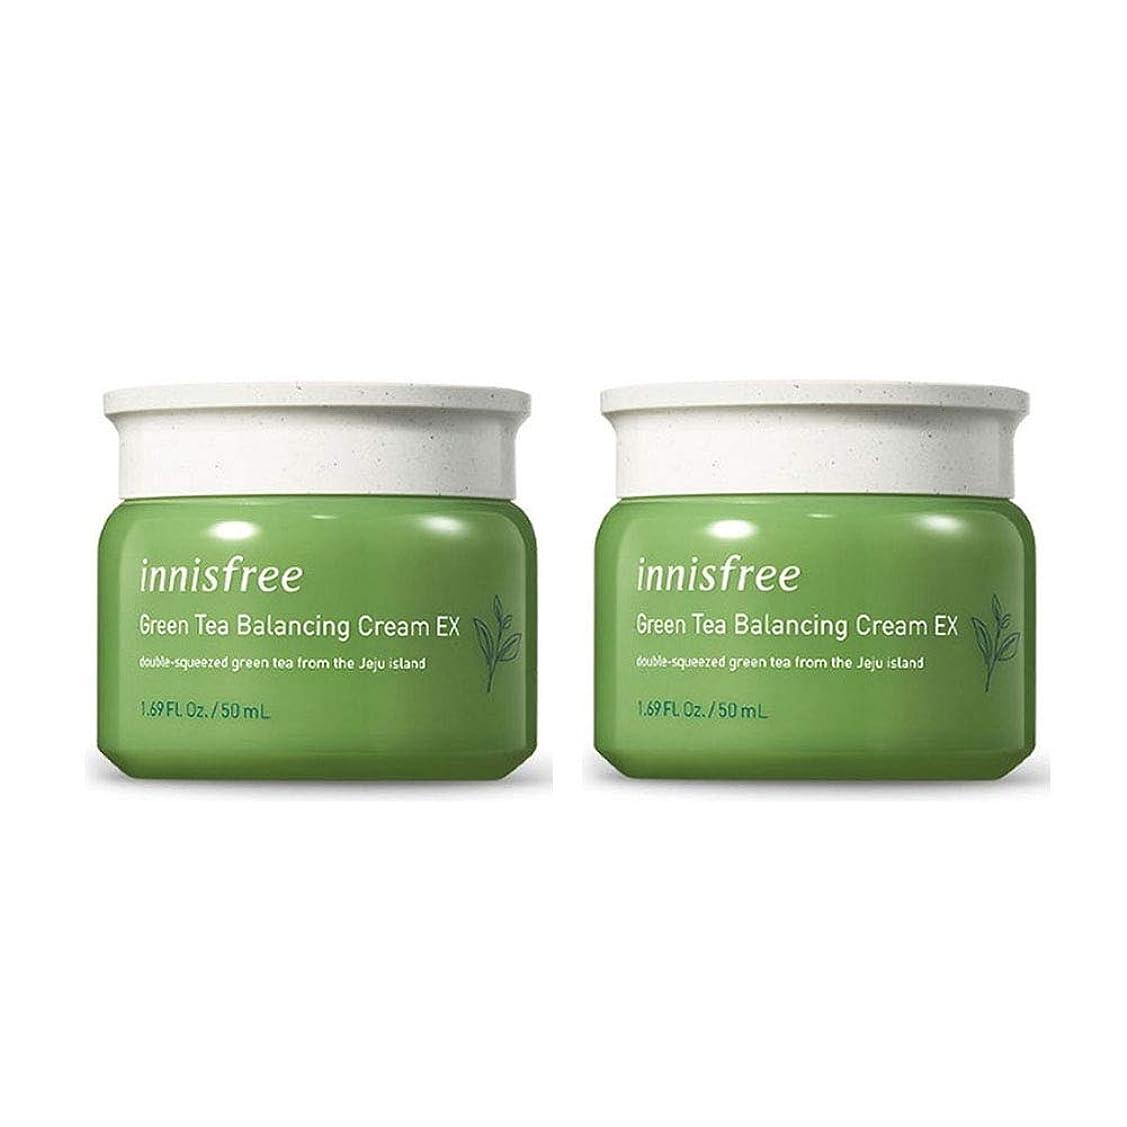 プットコモランマ眠っているイニスフリーグリーンティーバランシングクリームEX 50mlx2本セット韓国コスメ、innisfree Green Tea Balancing Cream EX 50ml x 2ea Set Korean Cosmetics [並行輸入品]